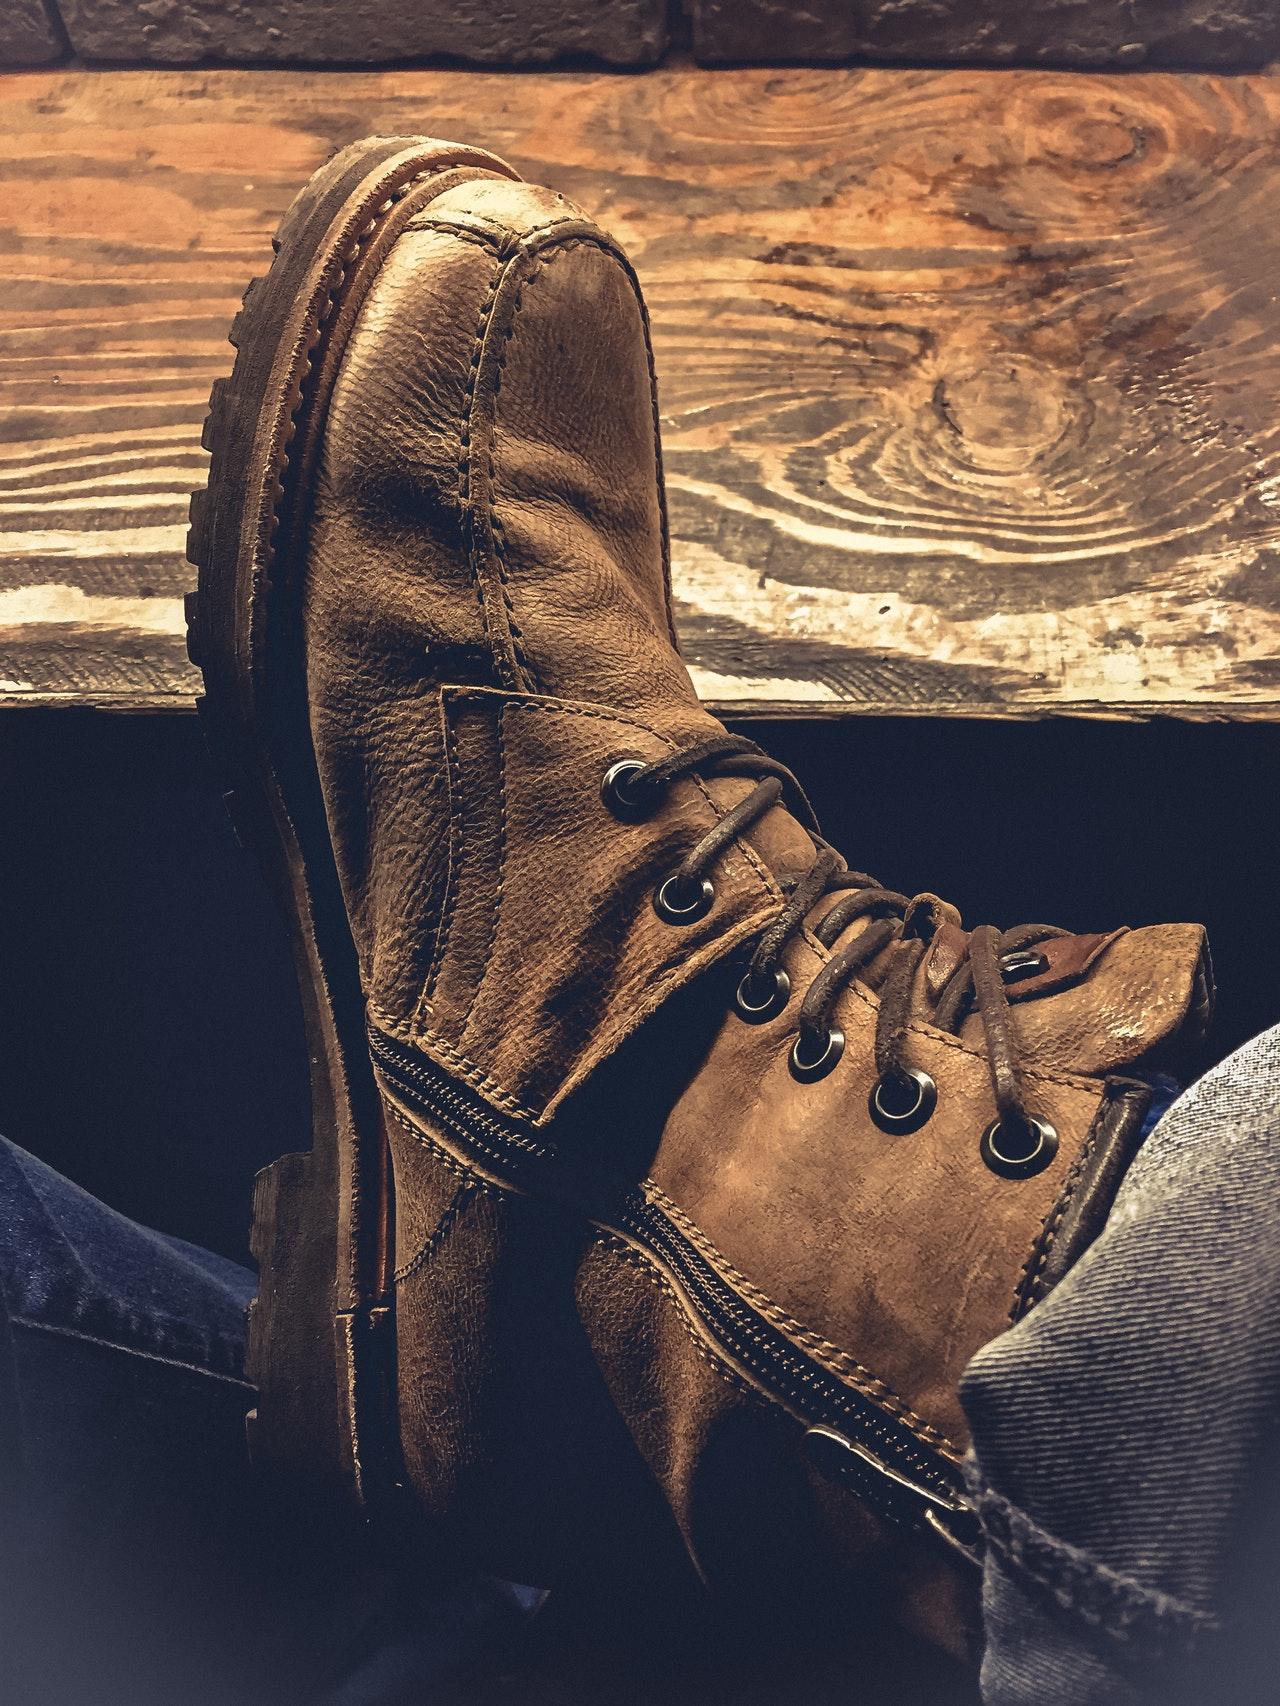 Besonders Schuhe sollten regelmäßig mit einem geeigneten Lederöl behandelt werden, um Glanz, Strapazierfähigkeit und Dichtigkeit zu erhalten.